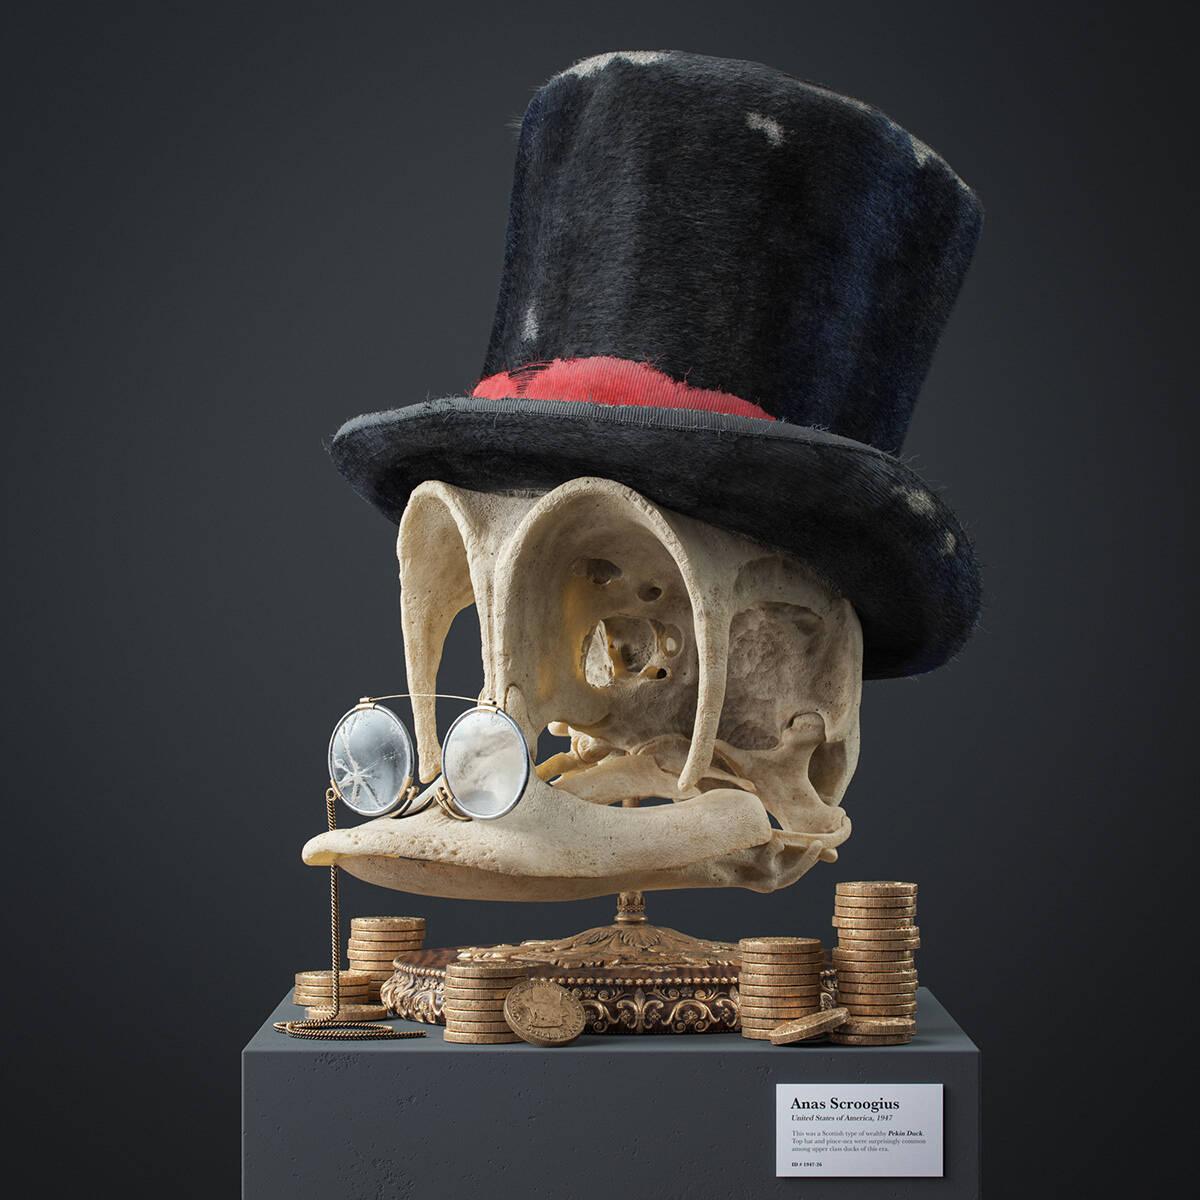 Artista imagina como seria o crânio dos personagens de desenhos